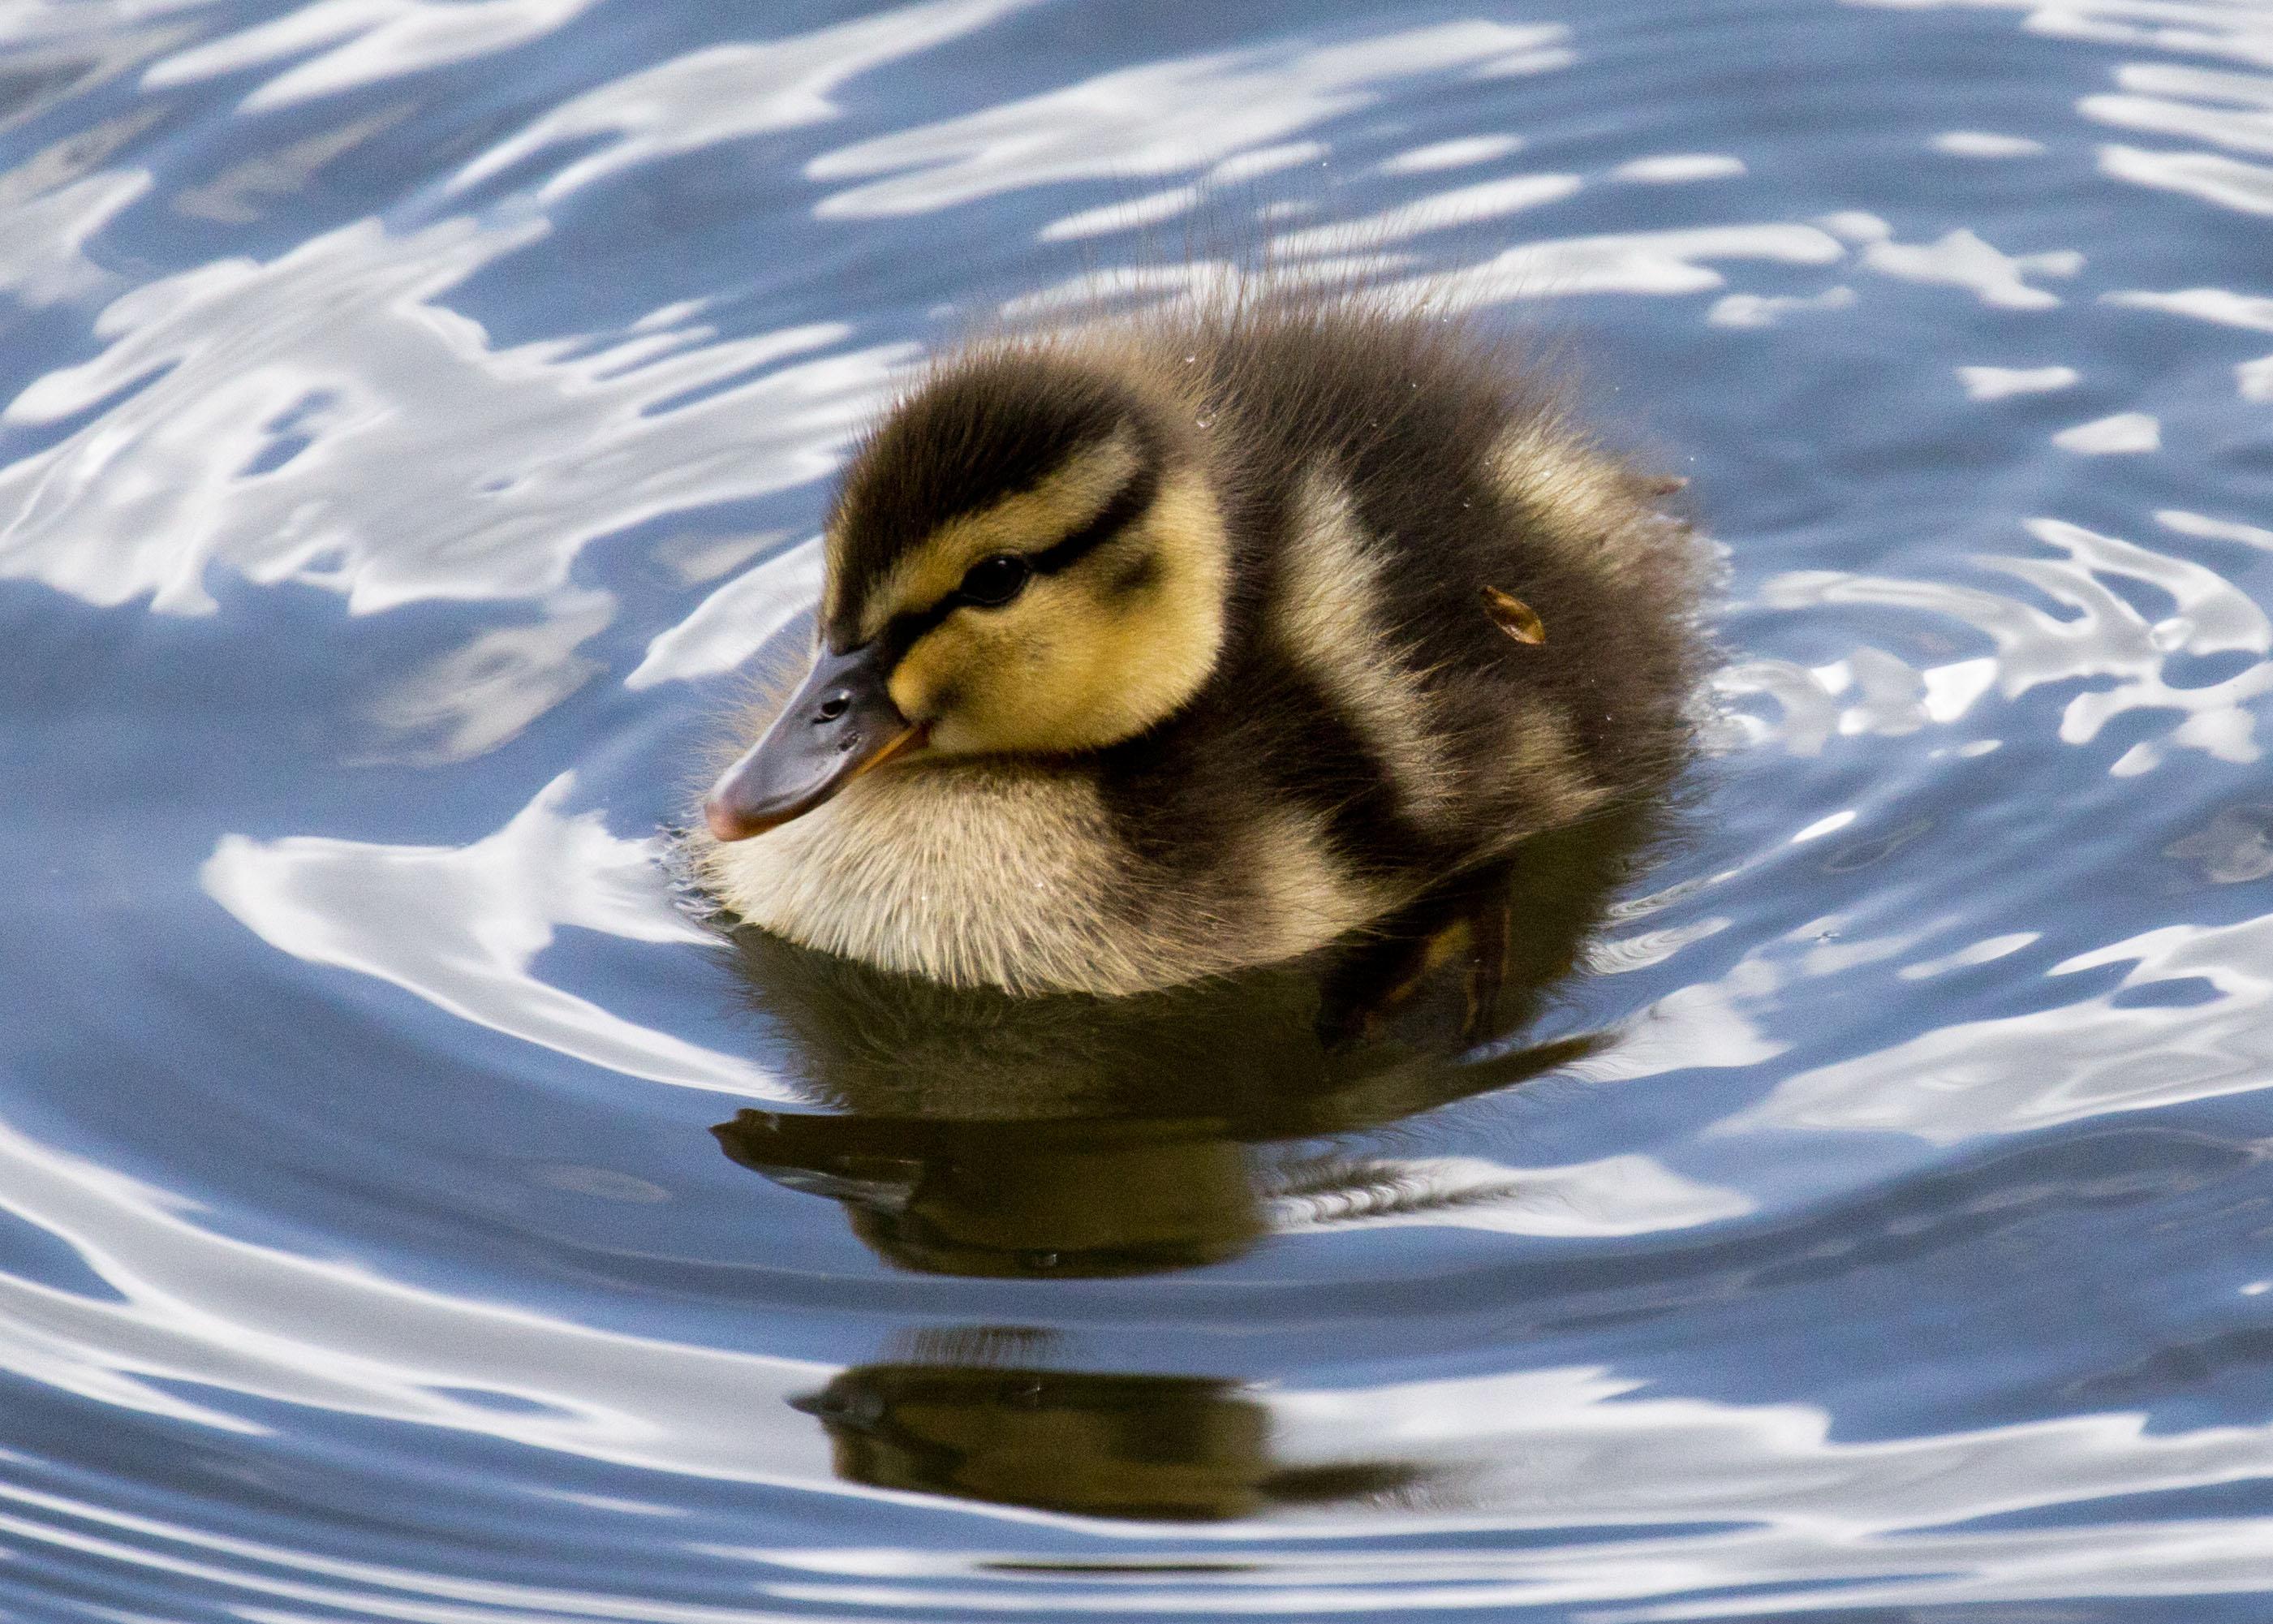 Mallard ducklings as pets